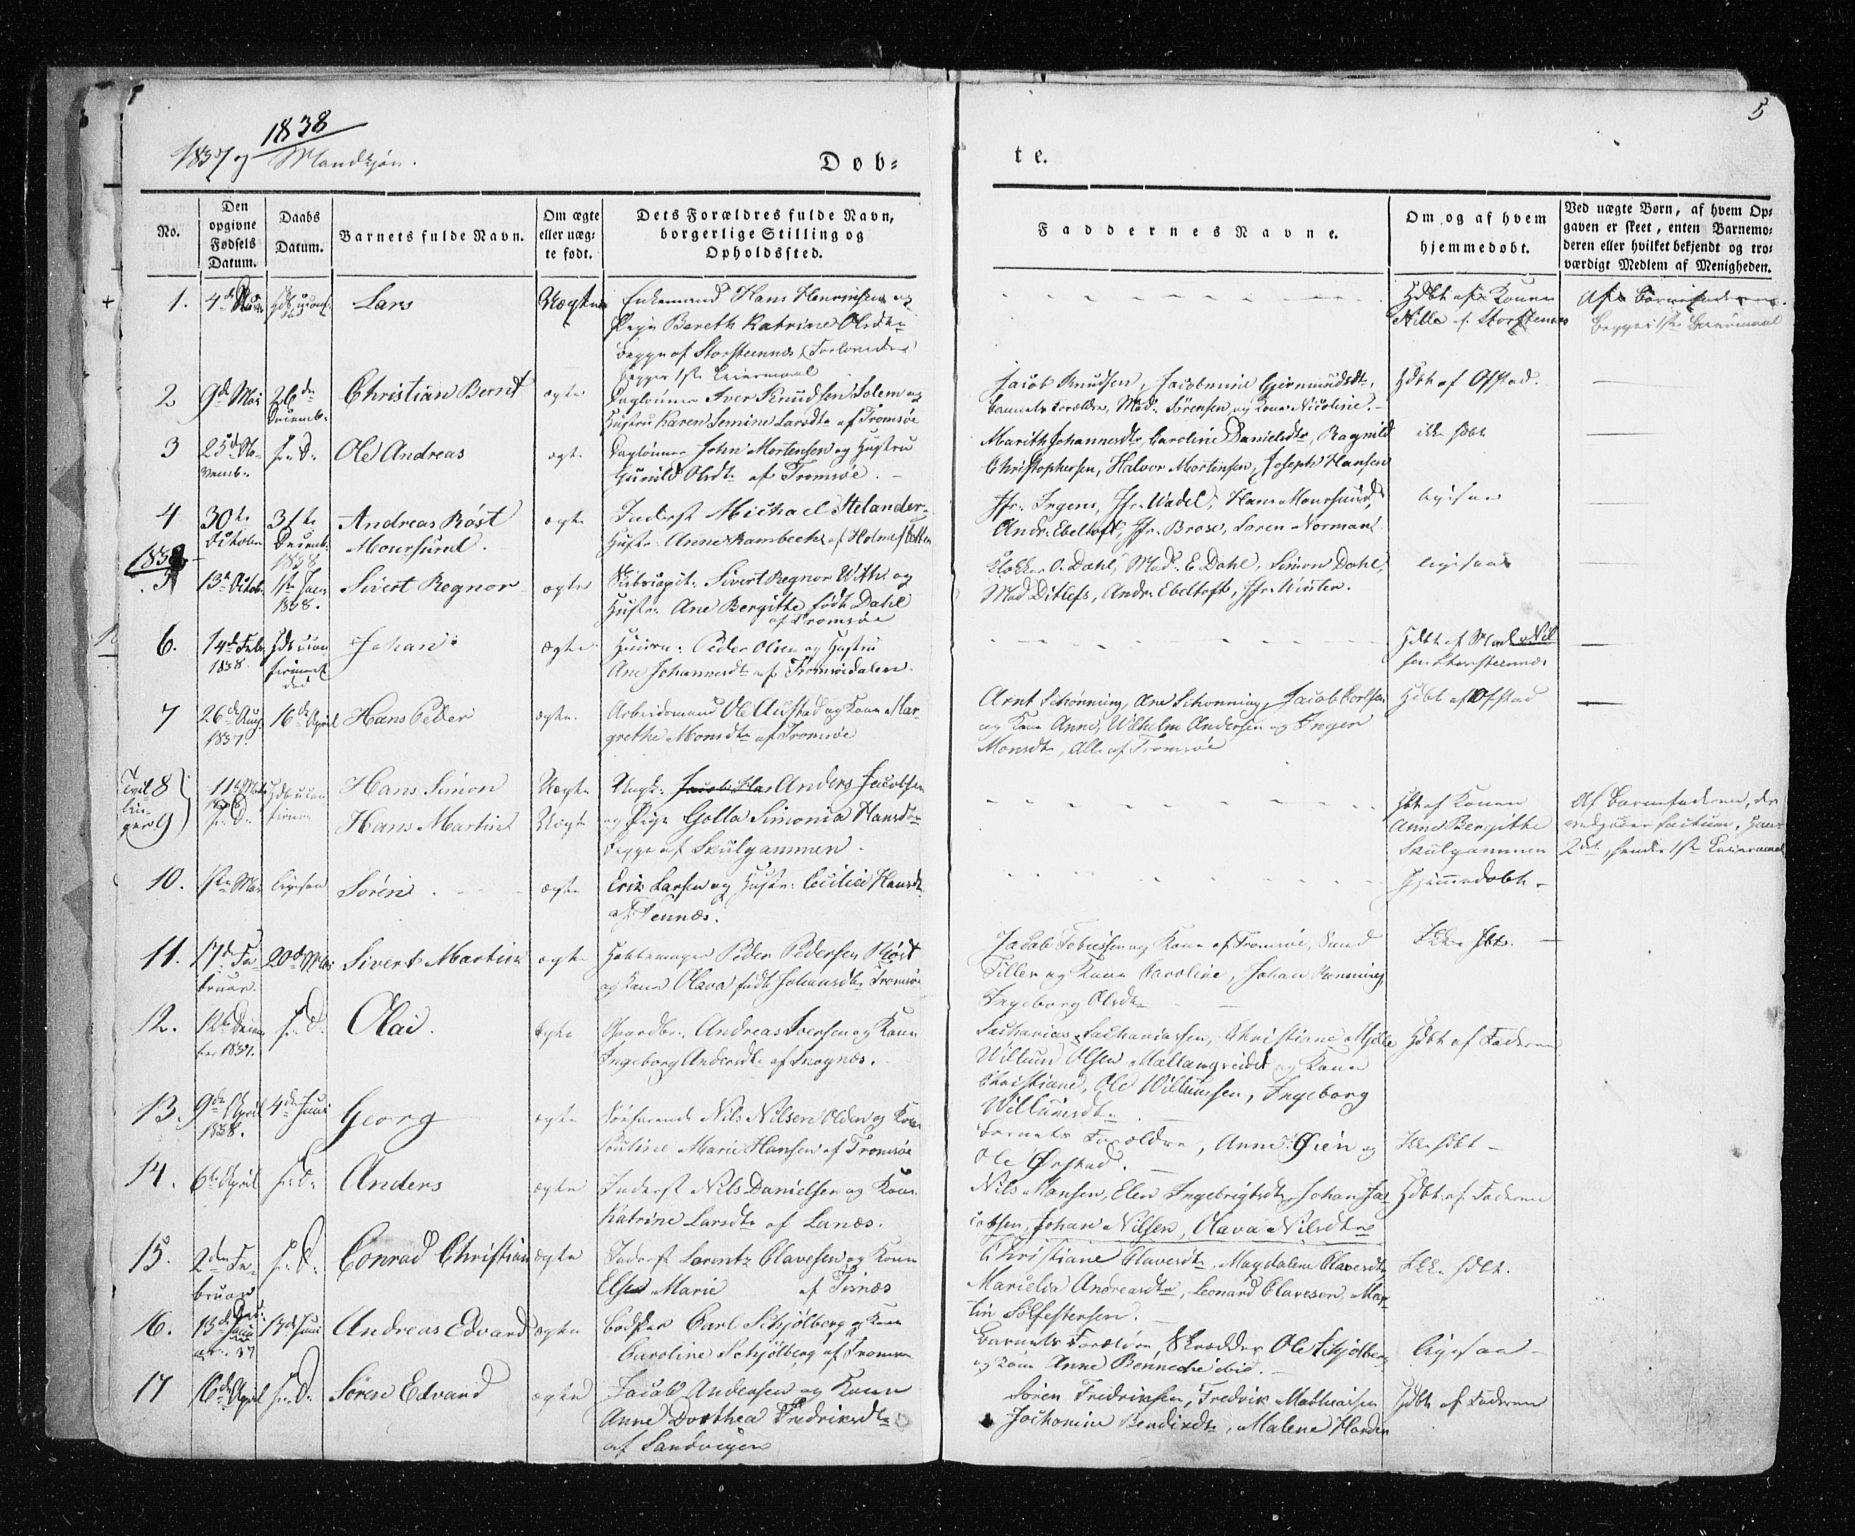 SATØ, Tromsø sokneprestkontor/stiftsprosti/domprosti, G/Ga/L0009kirke: Ministerialbok nr. 9, 1837-1847, s. 5